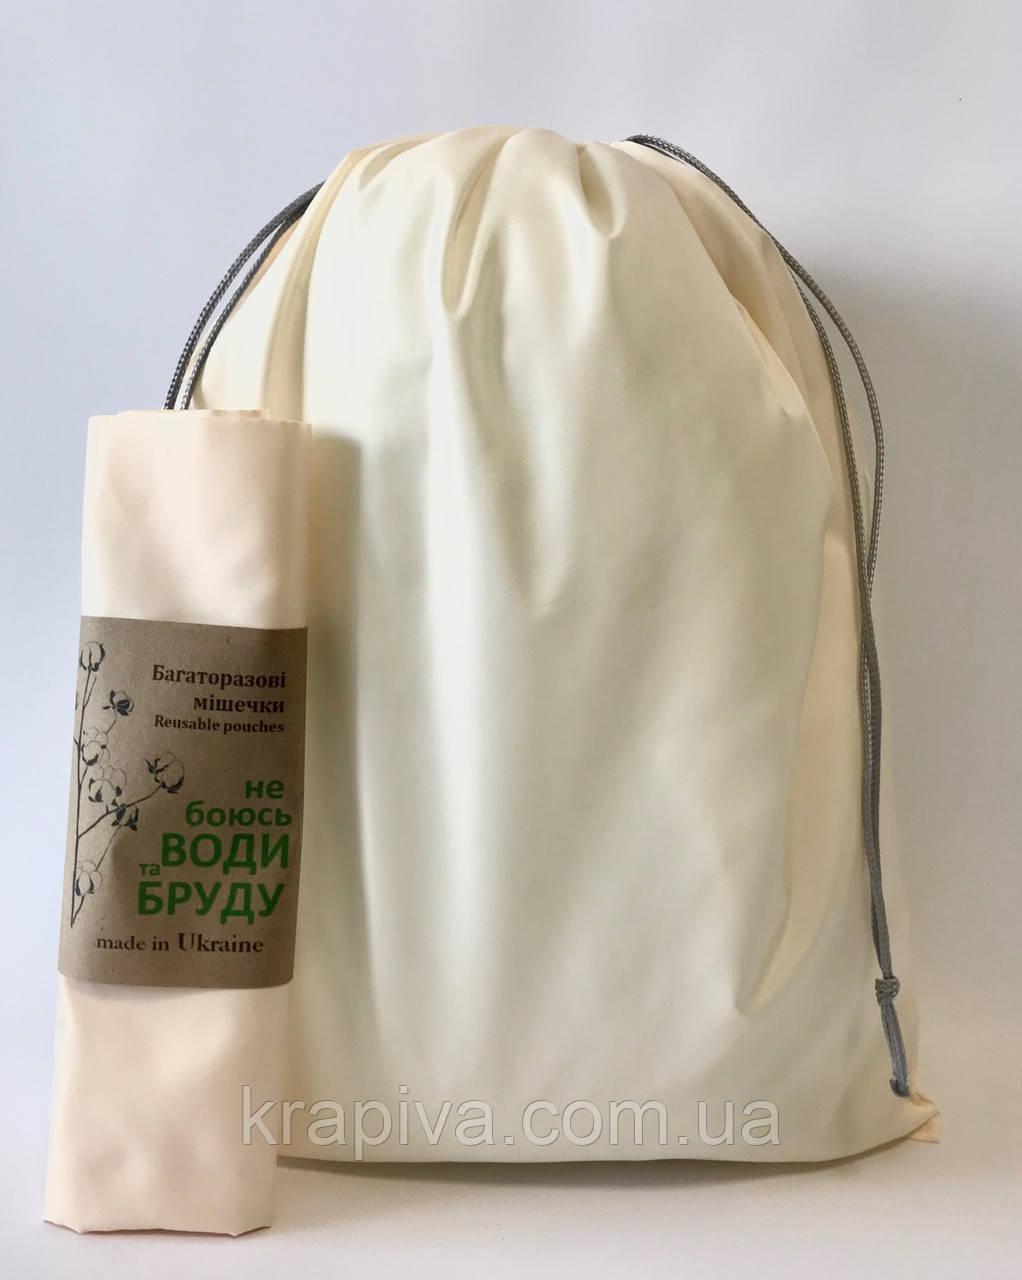 Мешок для обуви, экомешок для вещей и продуктов, еко торбинка, екоторбинка, мешок для игрушек